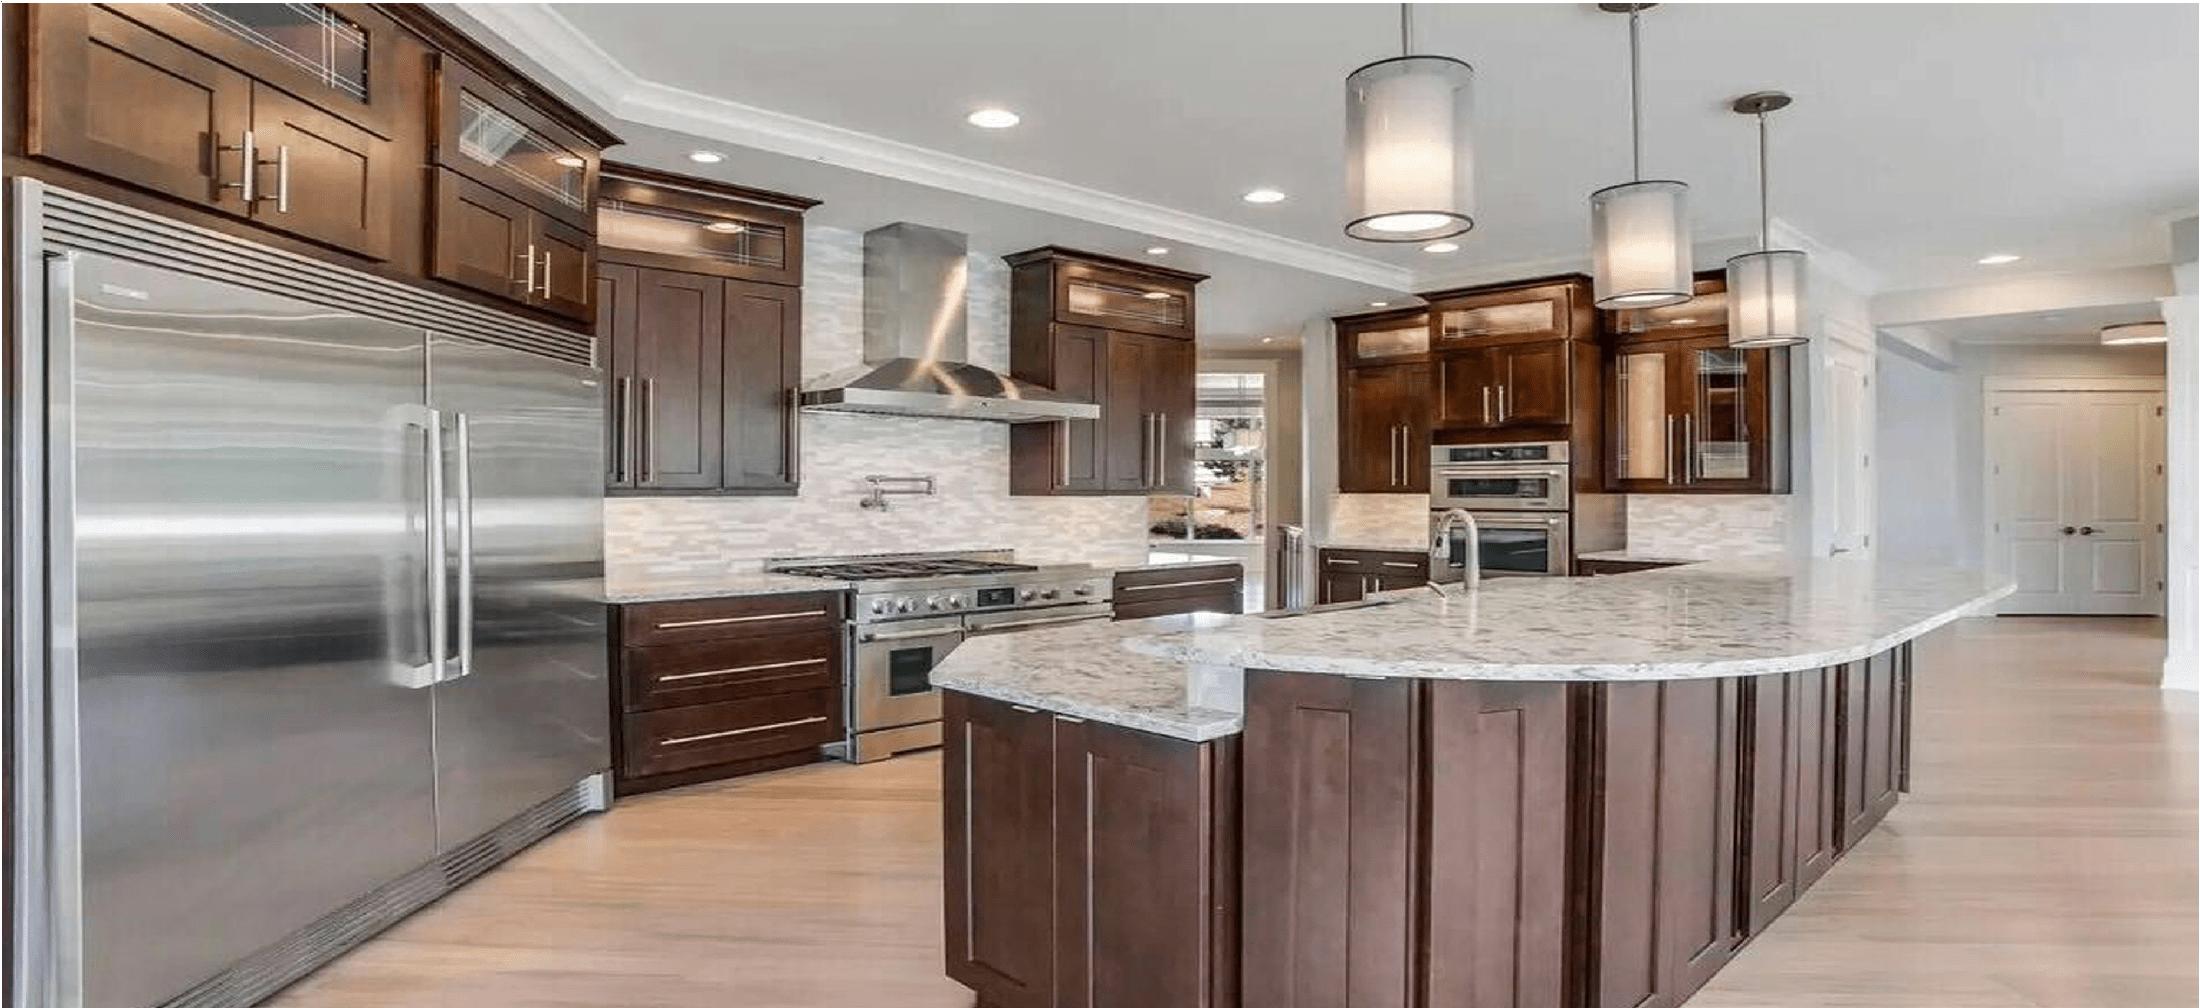 High Quality Cabinets Amp Granite Countertops Lincoln Ne